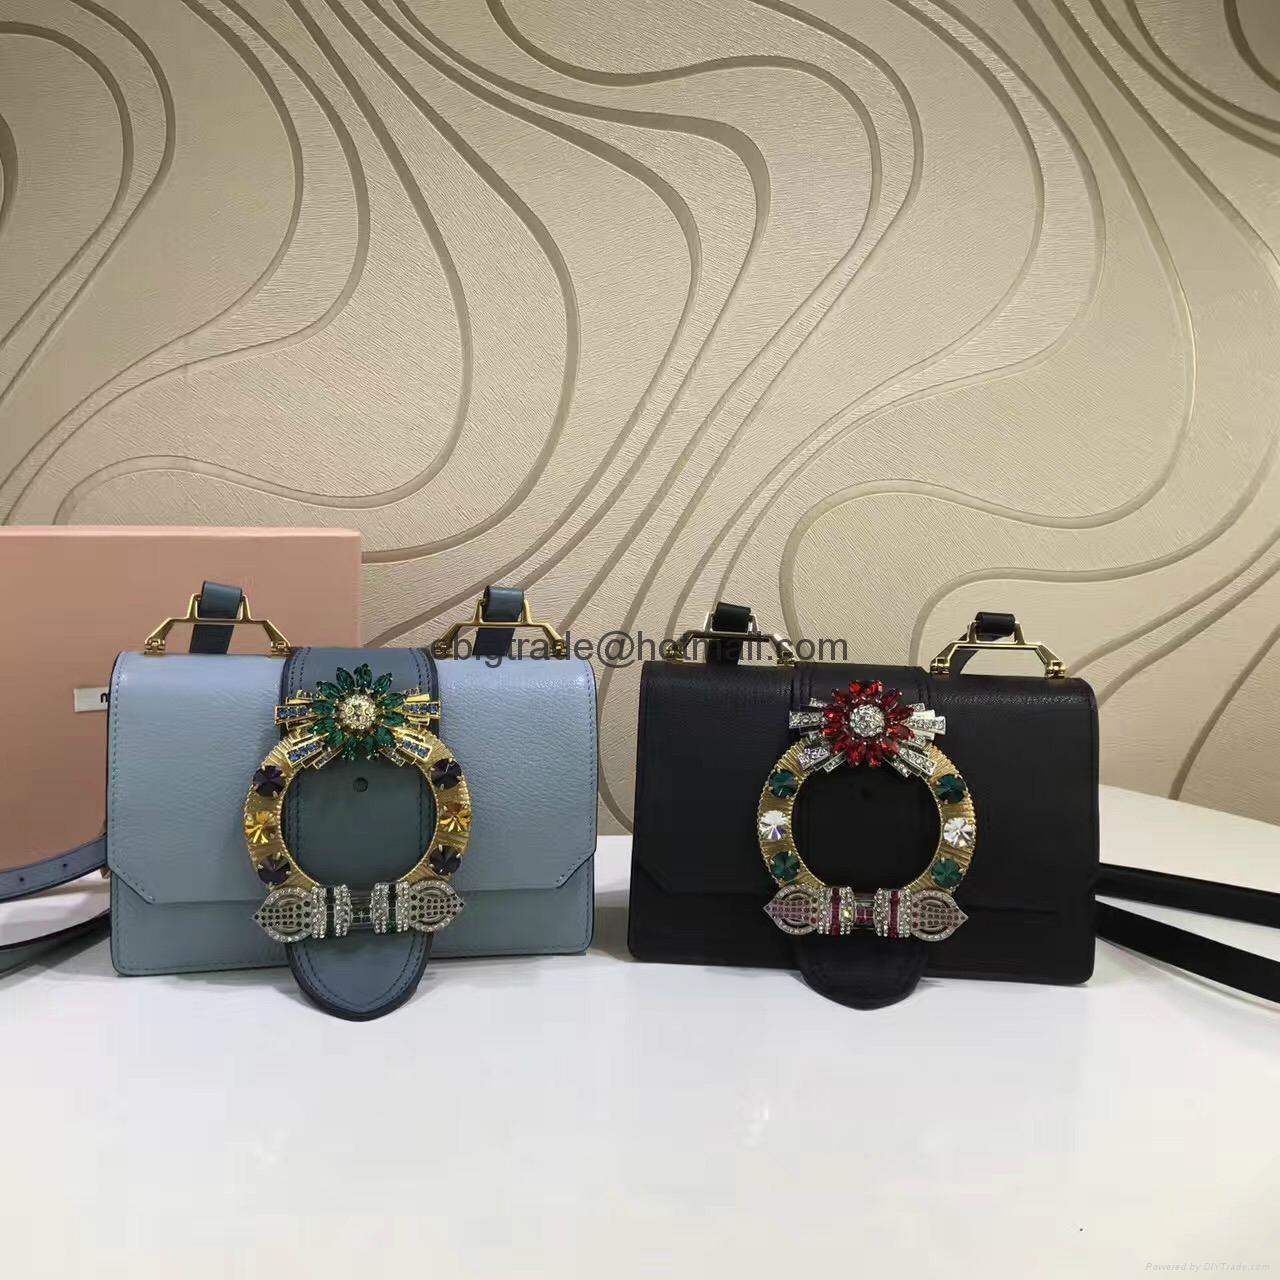 a8b54370931e ... Cheap MIU MIU Handbags discount MIU MIU Handbags replica MIU MIU bags  on sale 13 ...